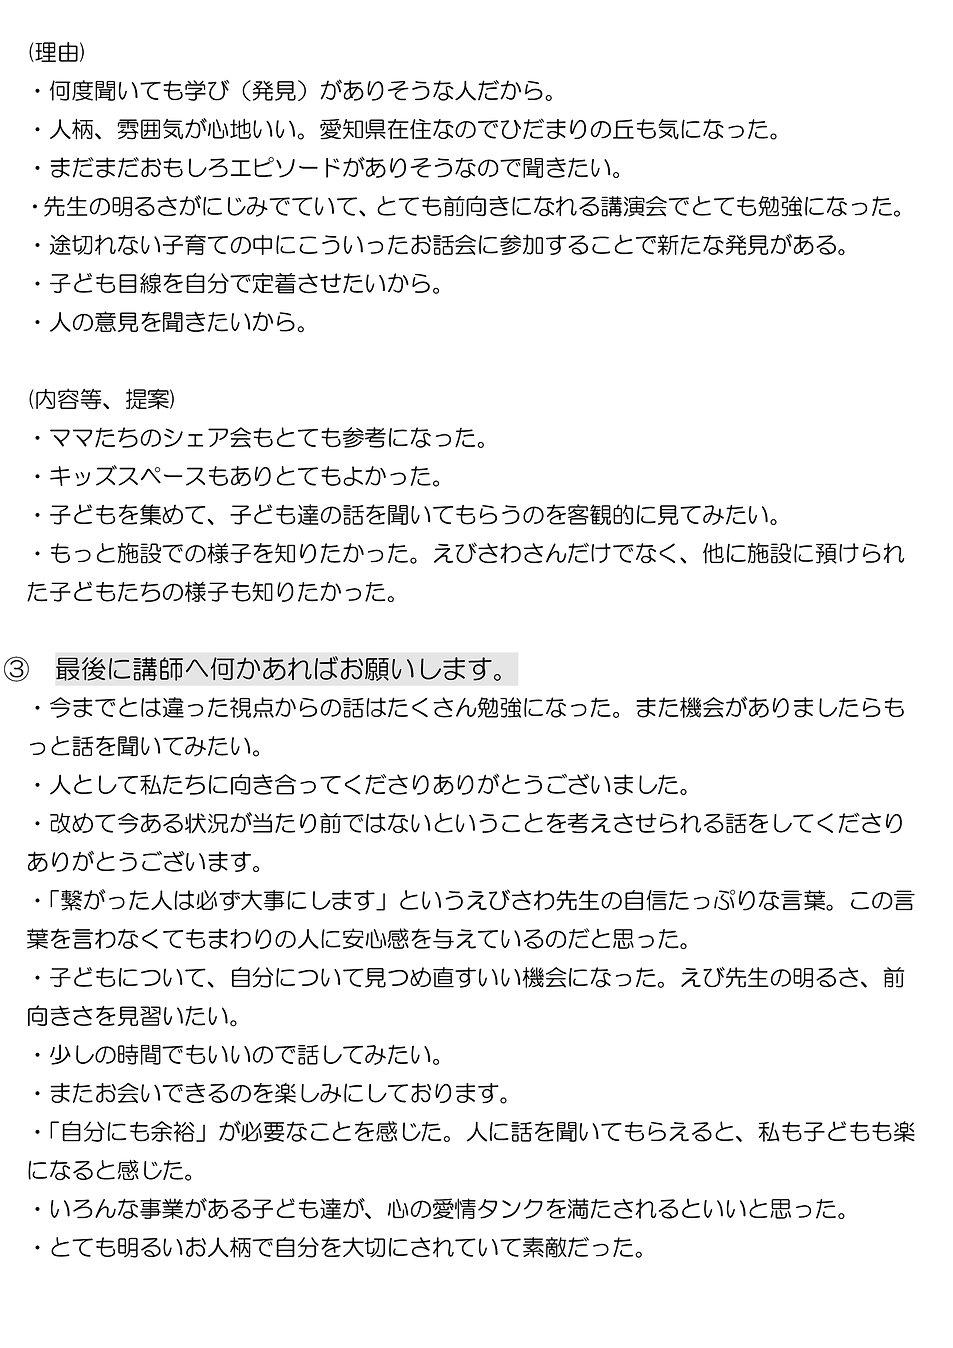 平成31年1月24日えびちゃんぬくもりサロンin岐阜アンケート集計-2.jpg